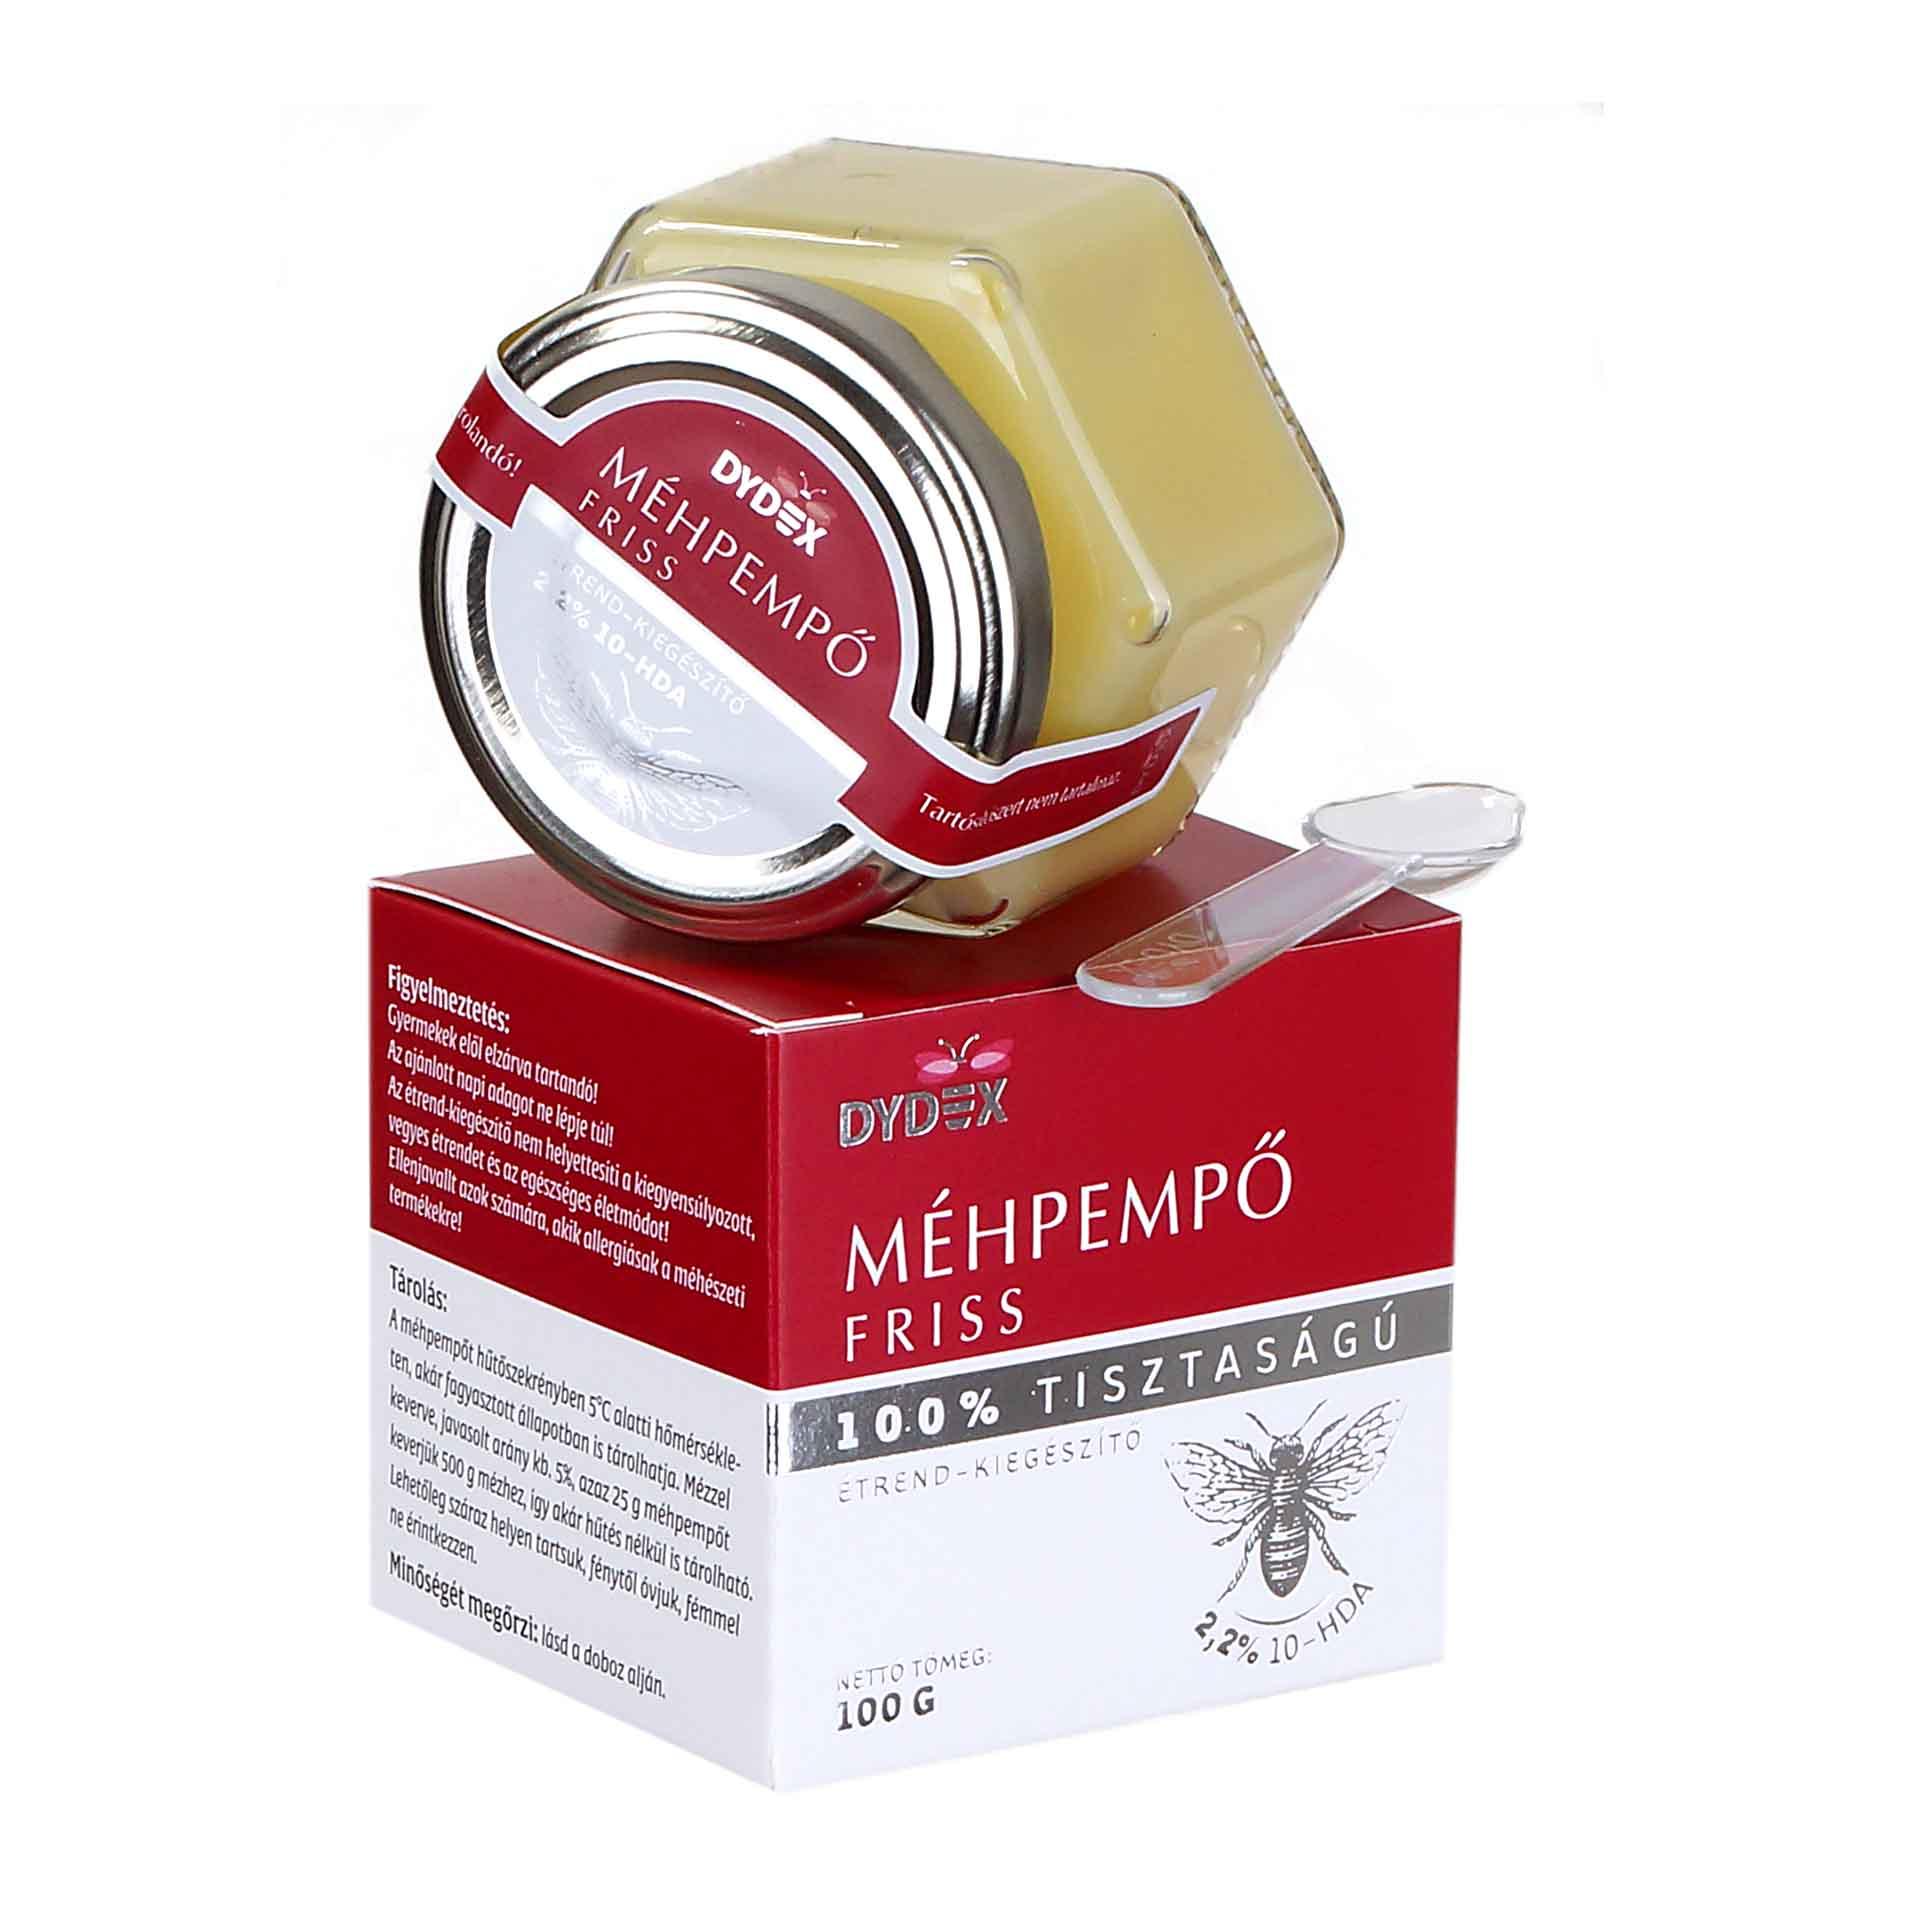 méhpempő a magas vérnyomás kezelésében)